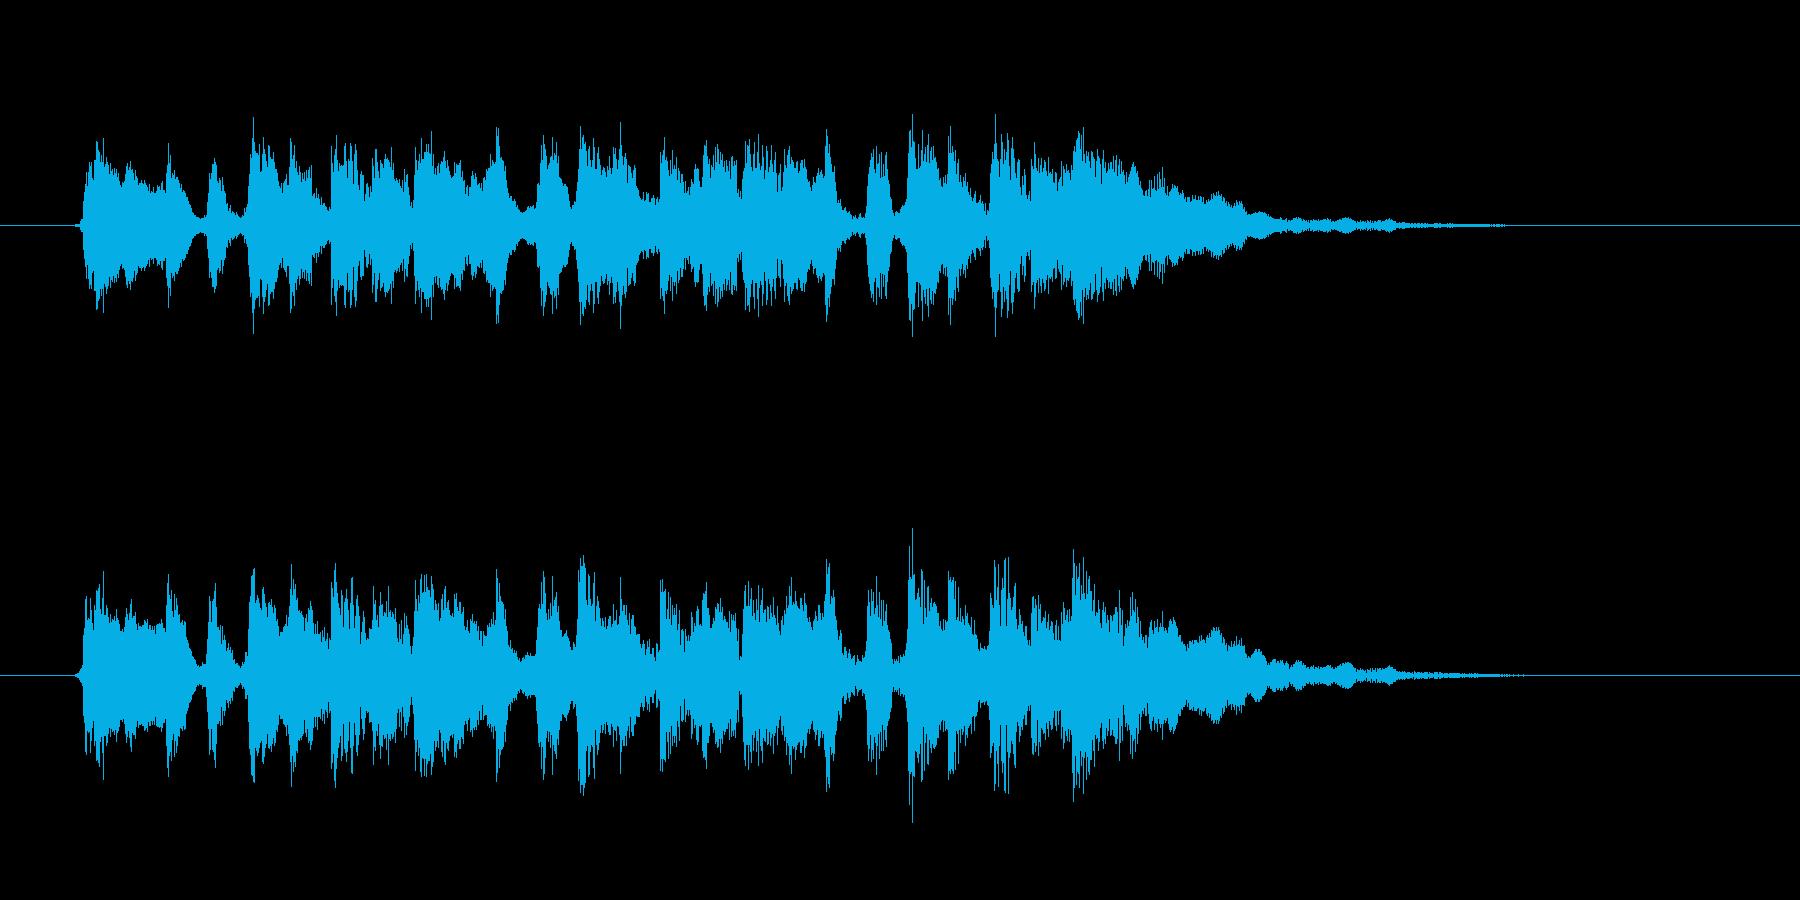 ふんわりとした可憐で優しいシンセジングルの再生済みの波形